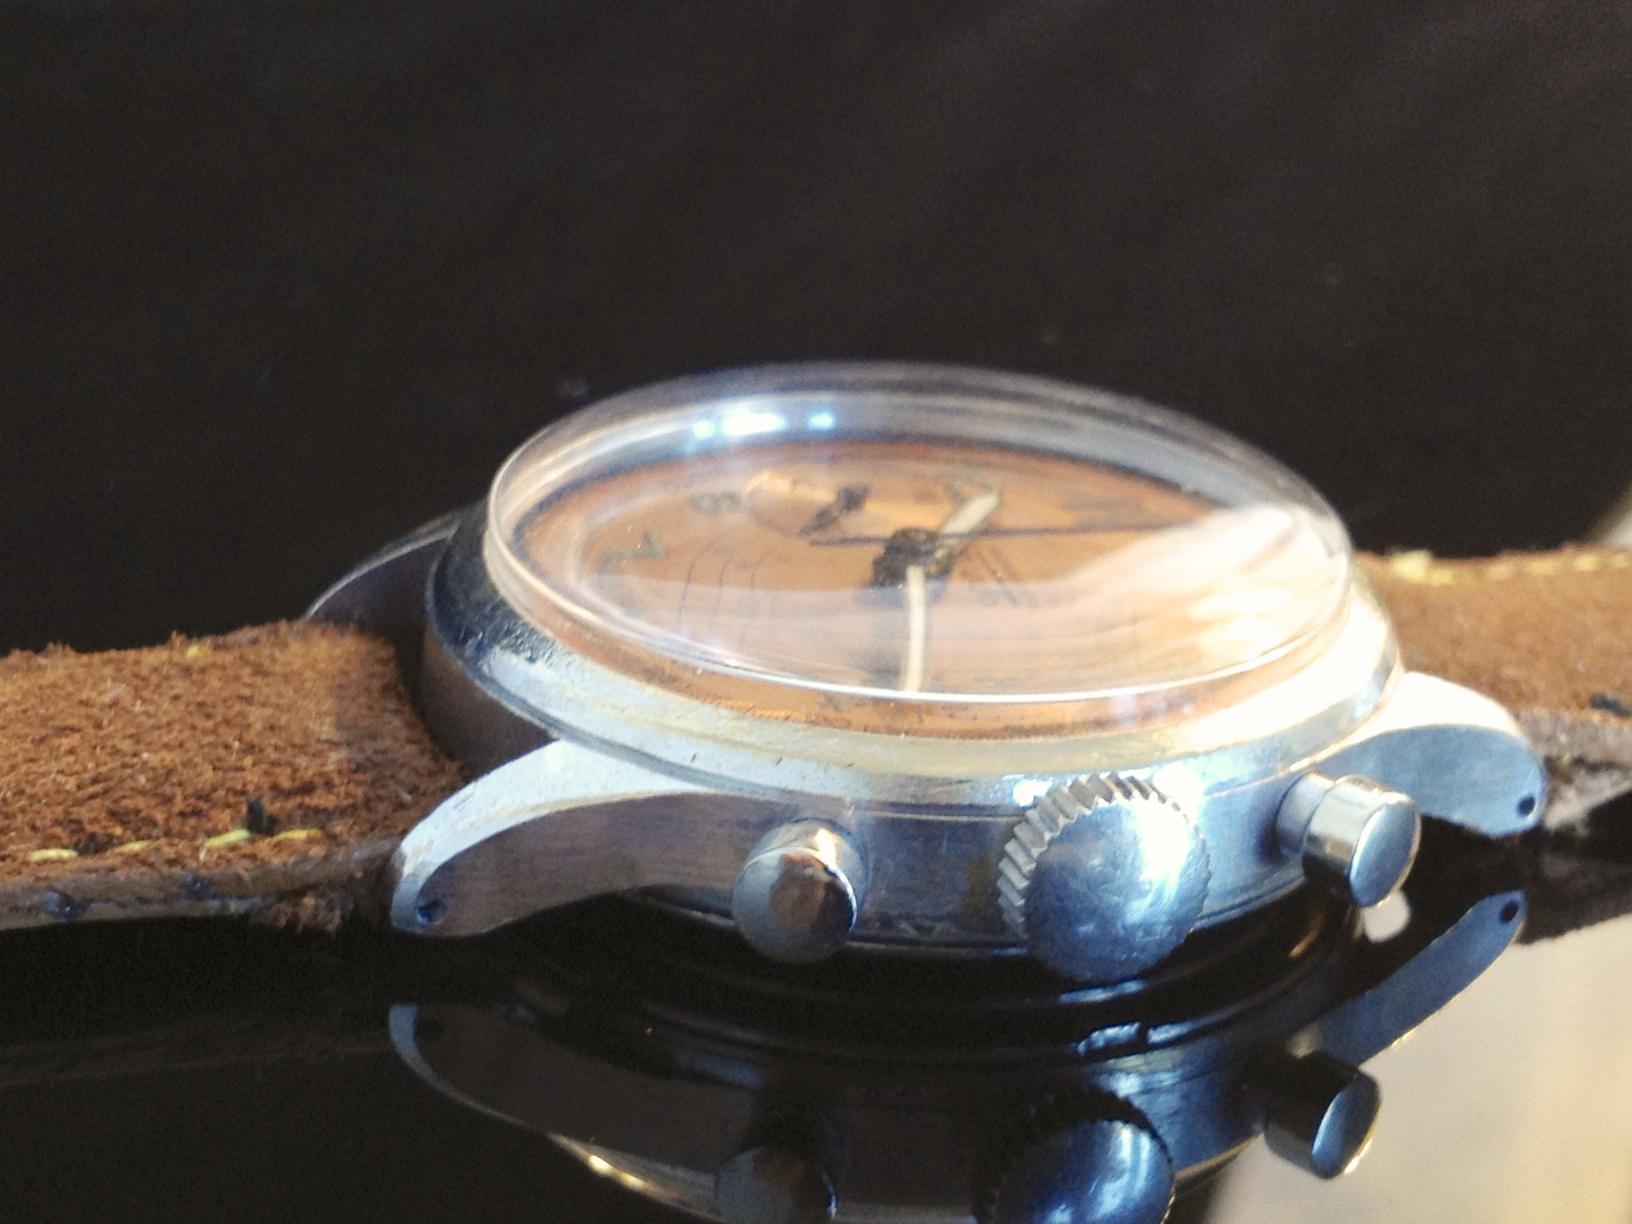 Fludo Venus Chronograph 197